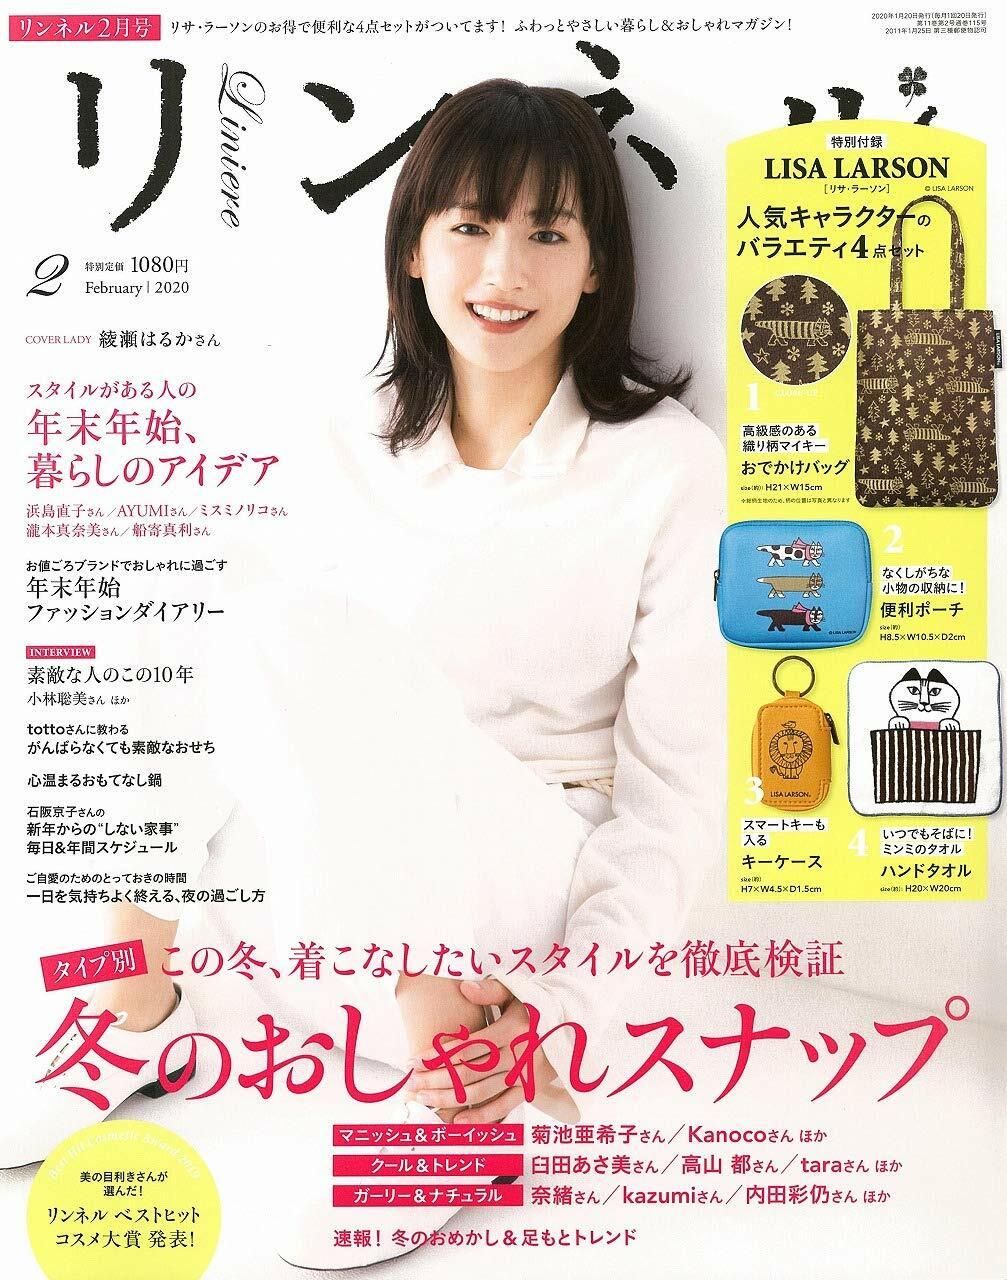 リンネル 2020年 02月號 (雜誌, 月刊)